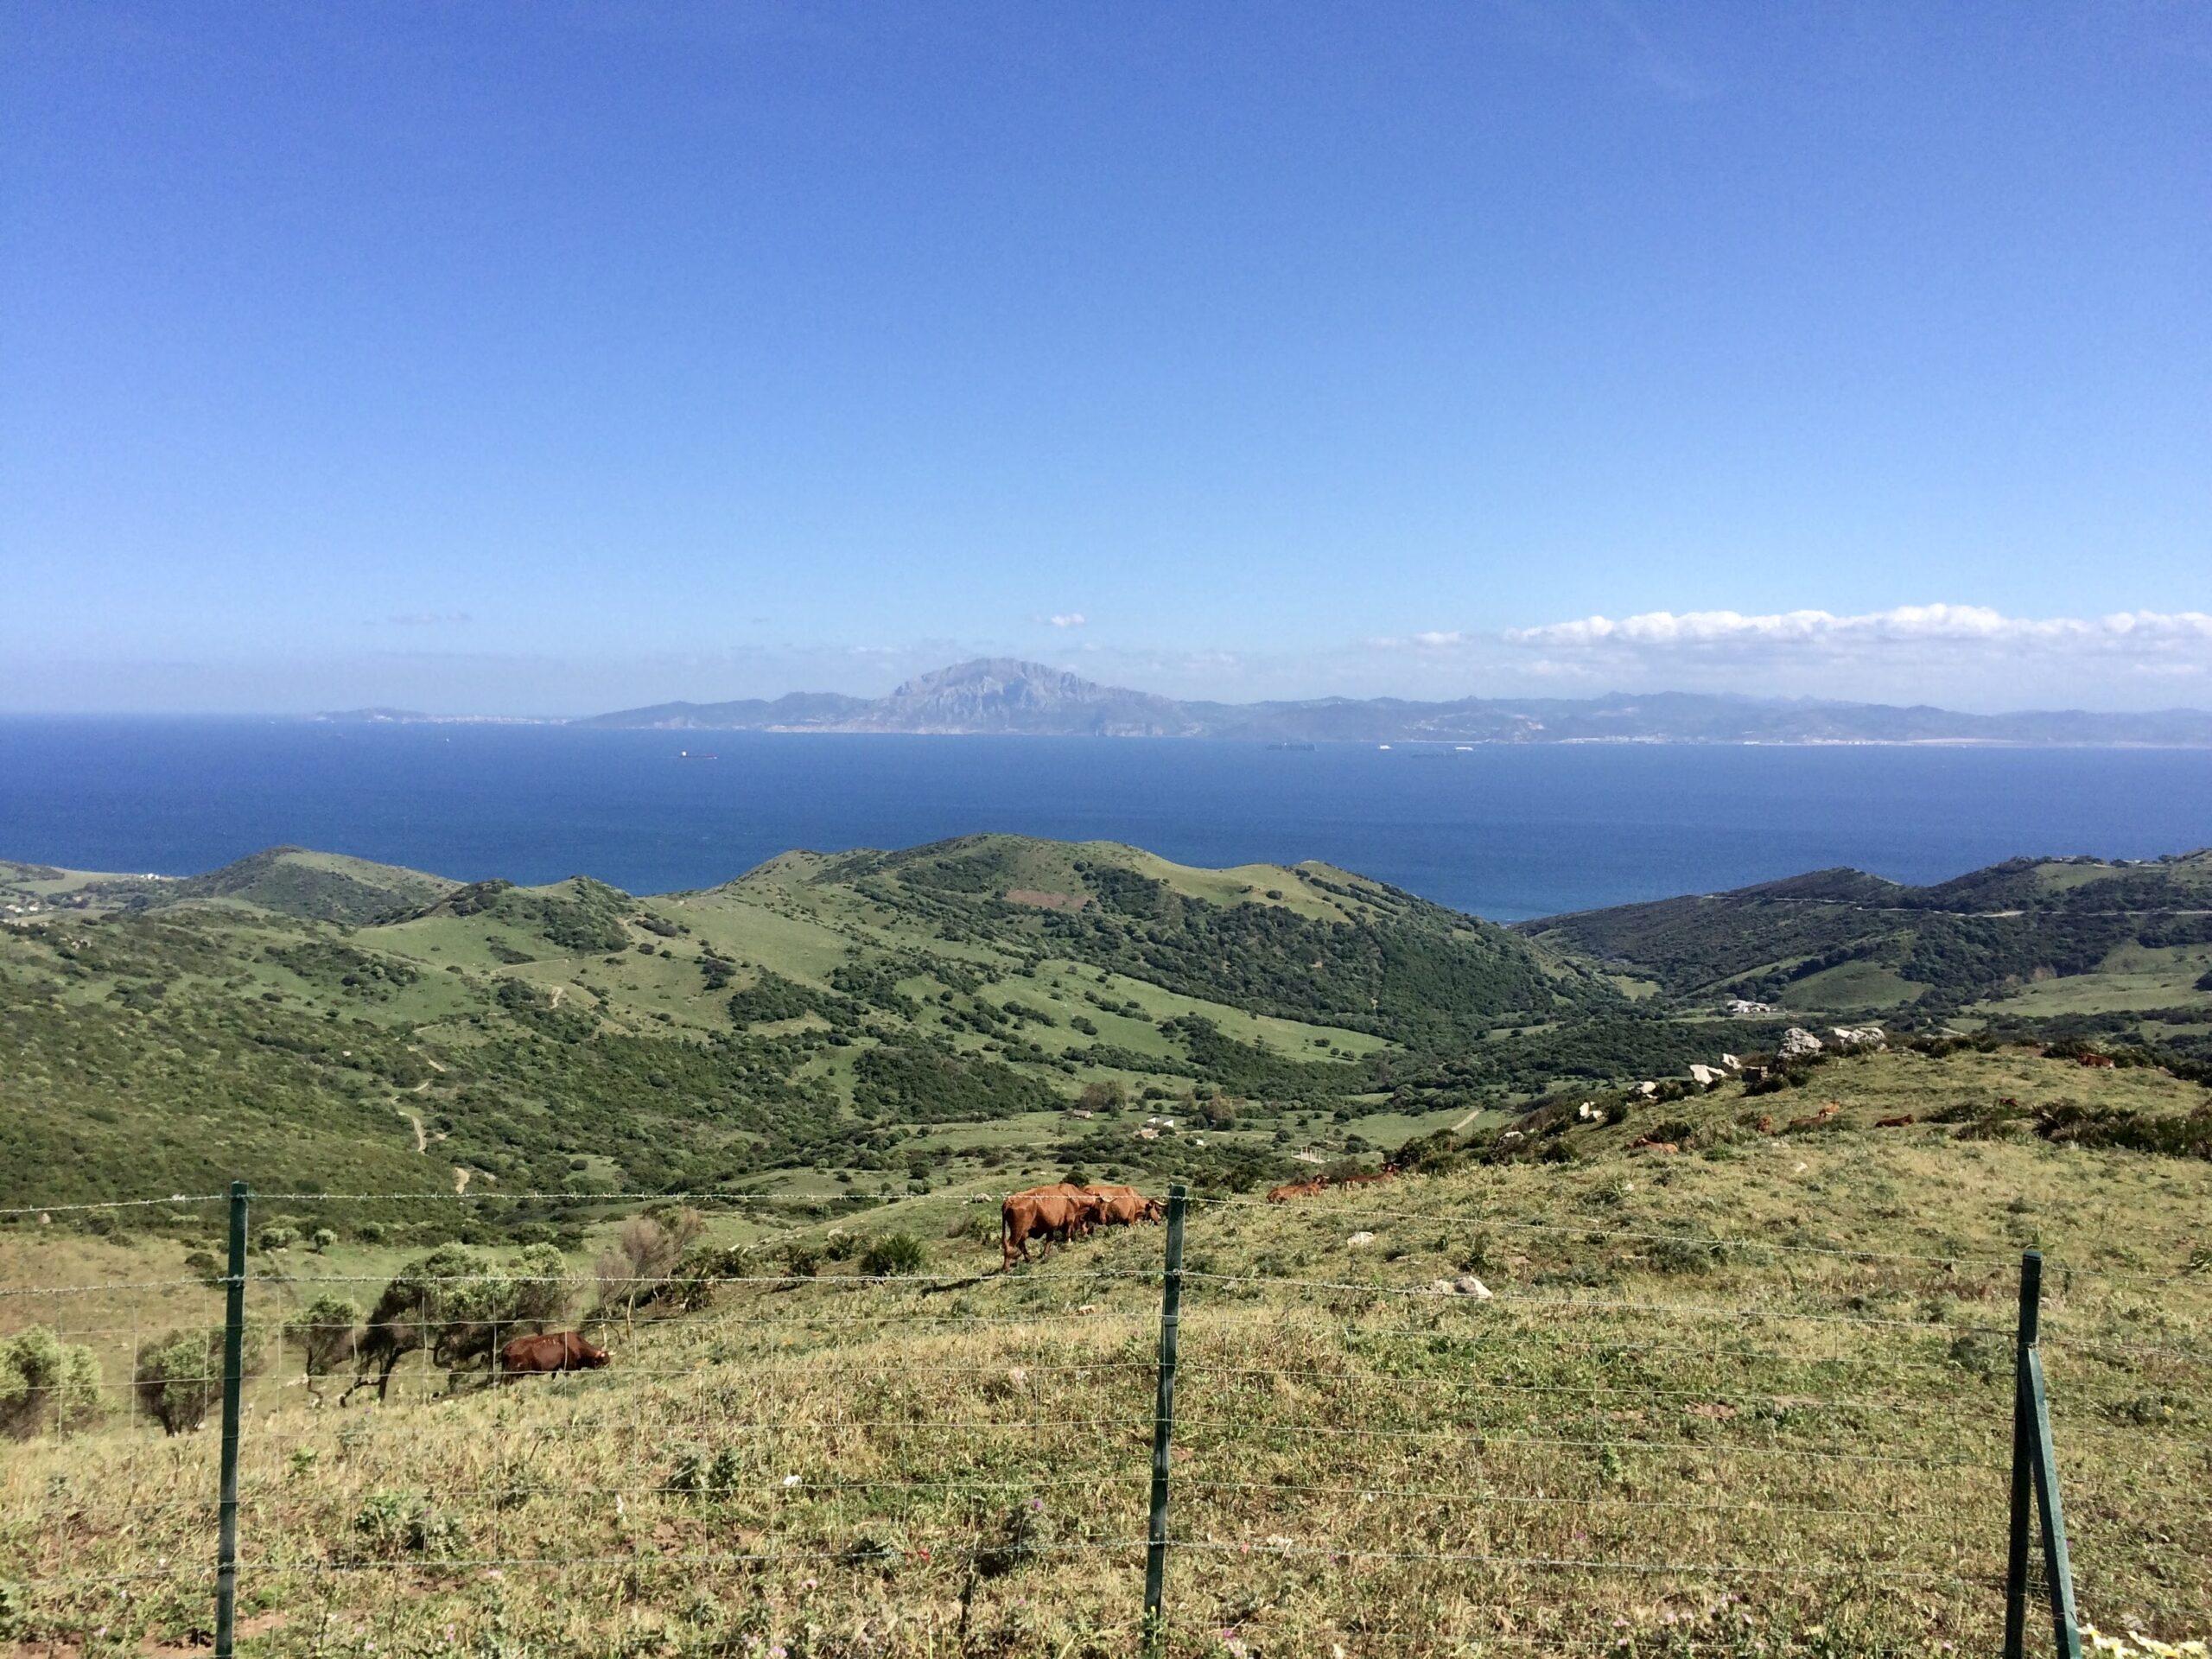 View from Mirador del Estrecho